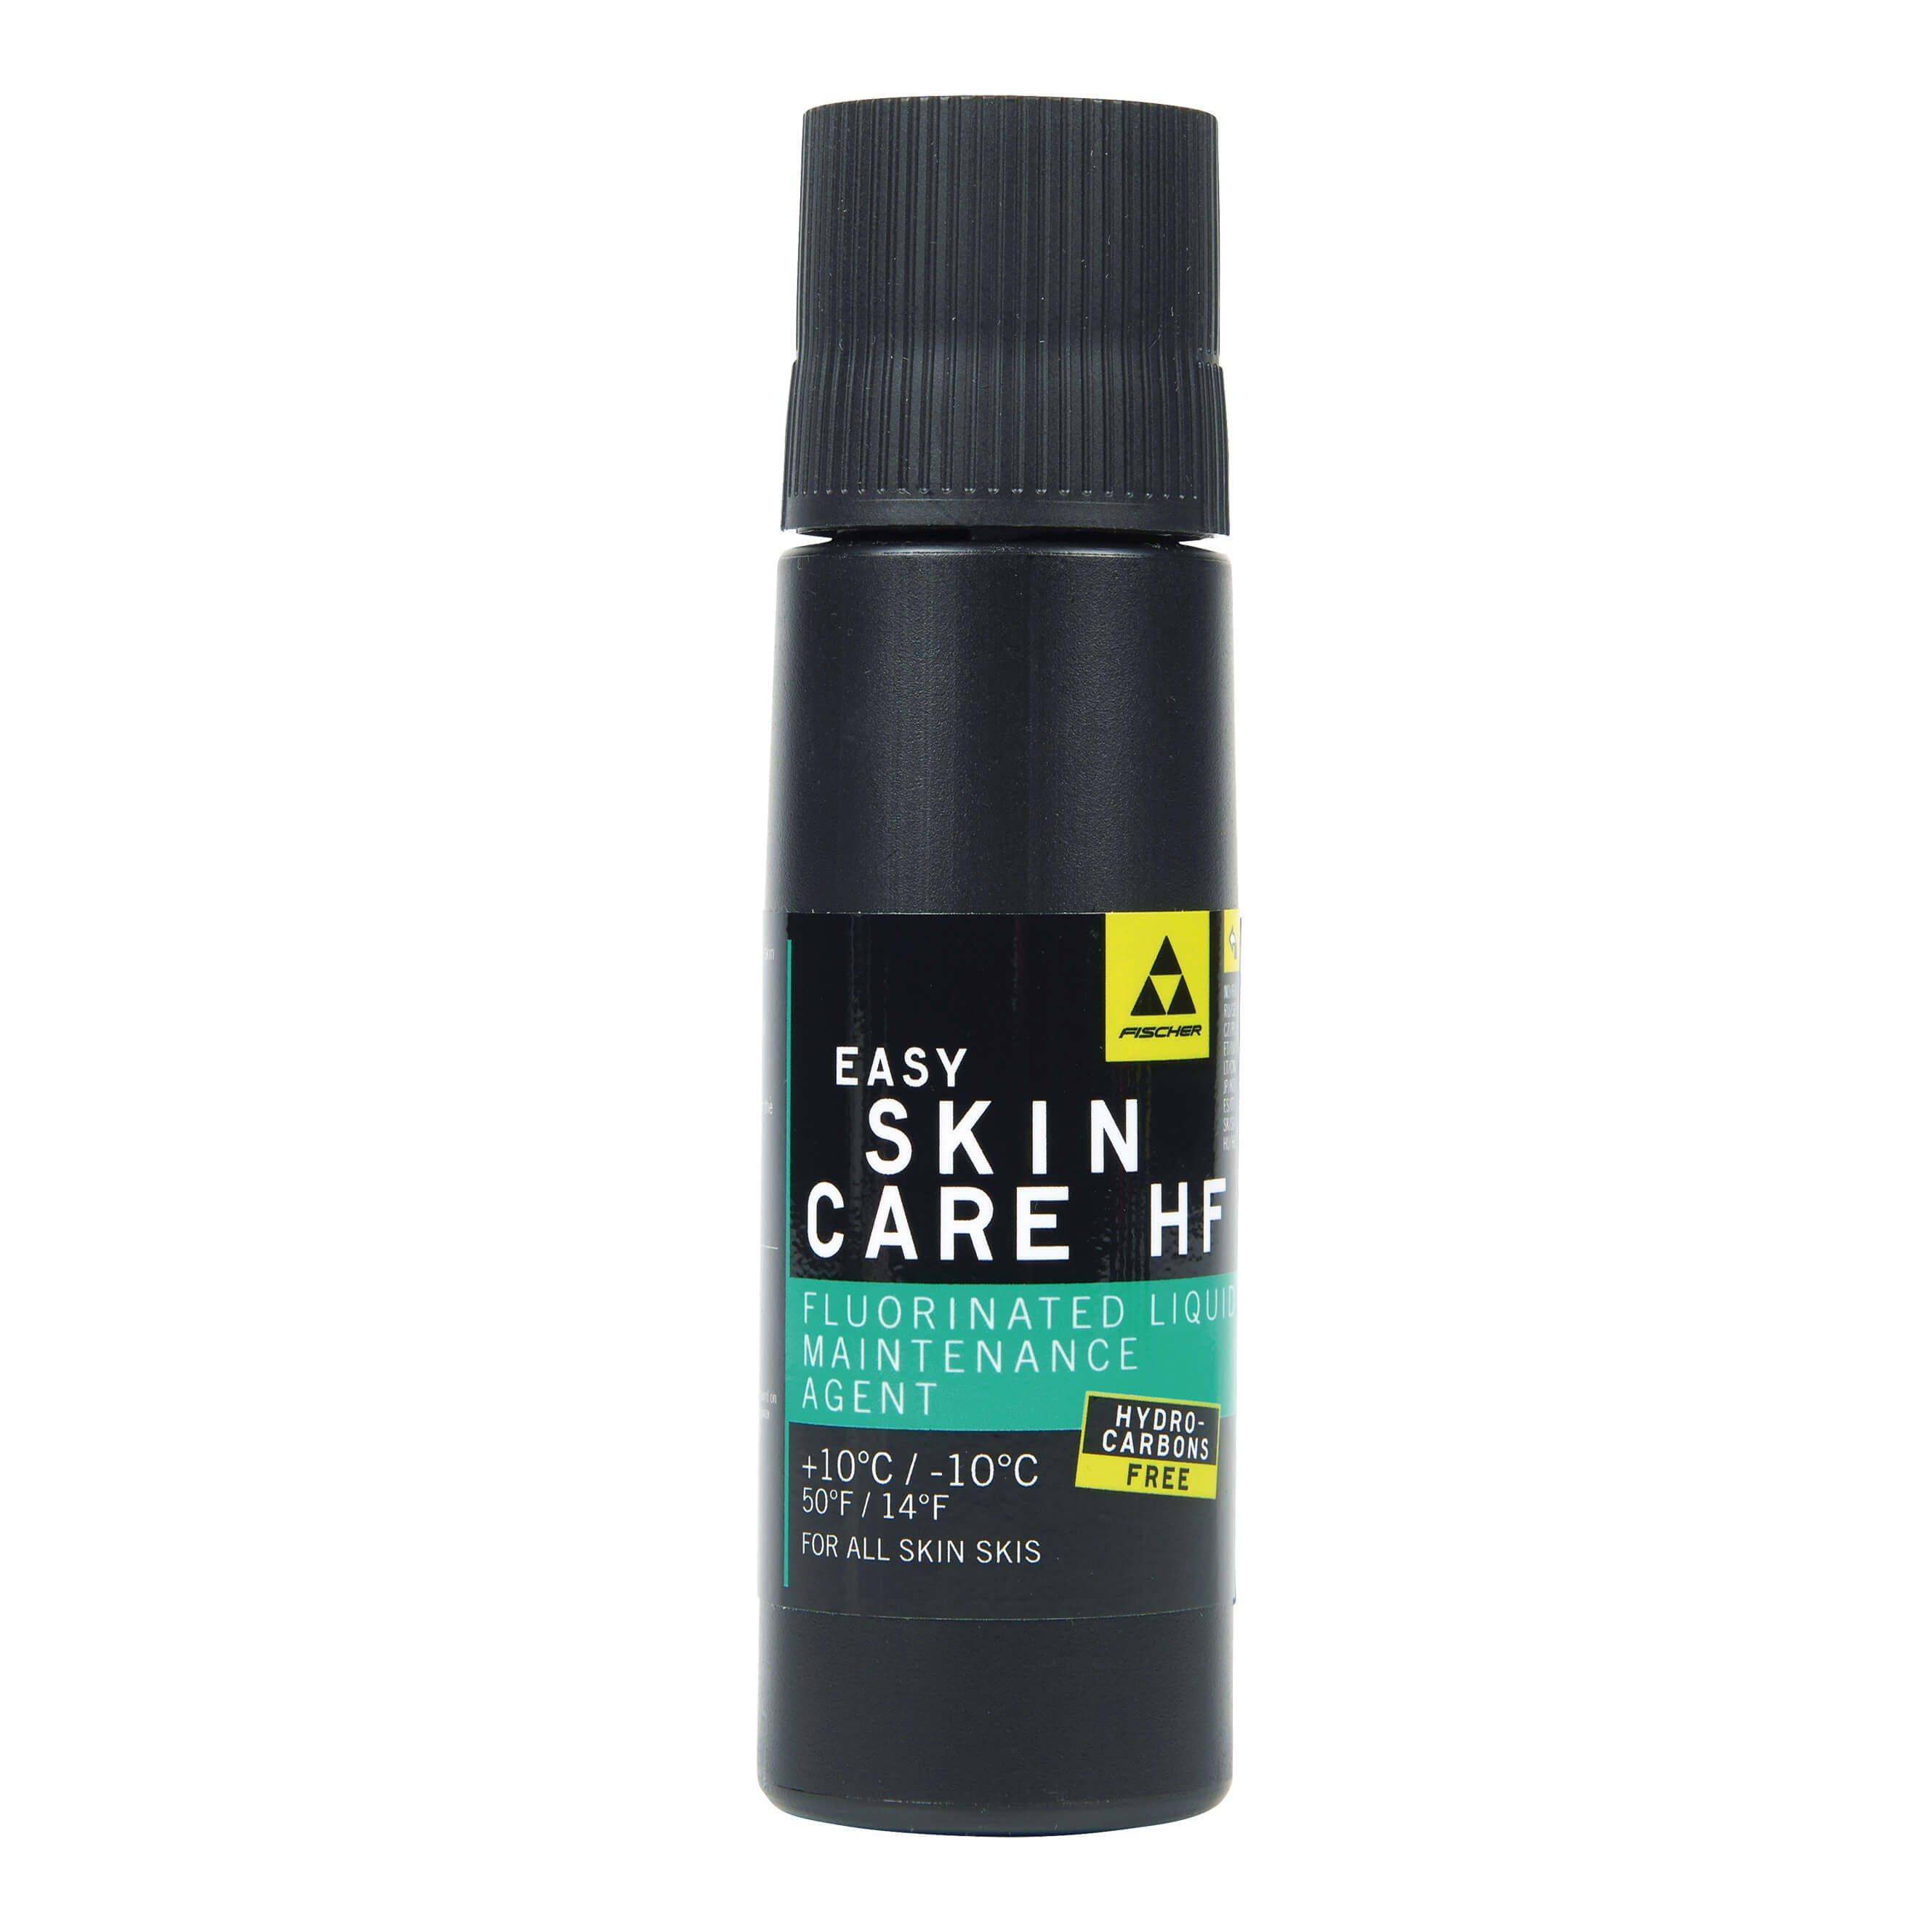 Přípravek Fischer Easy Skin Care HF